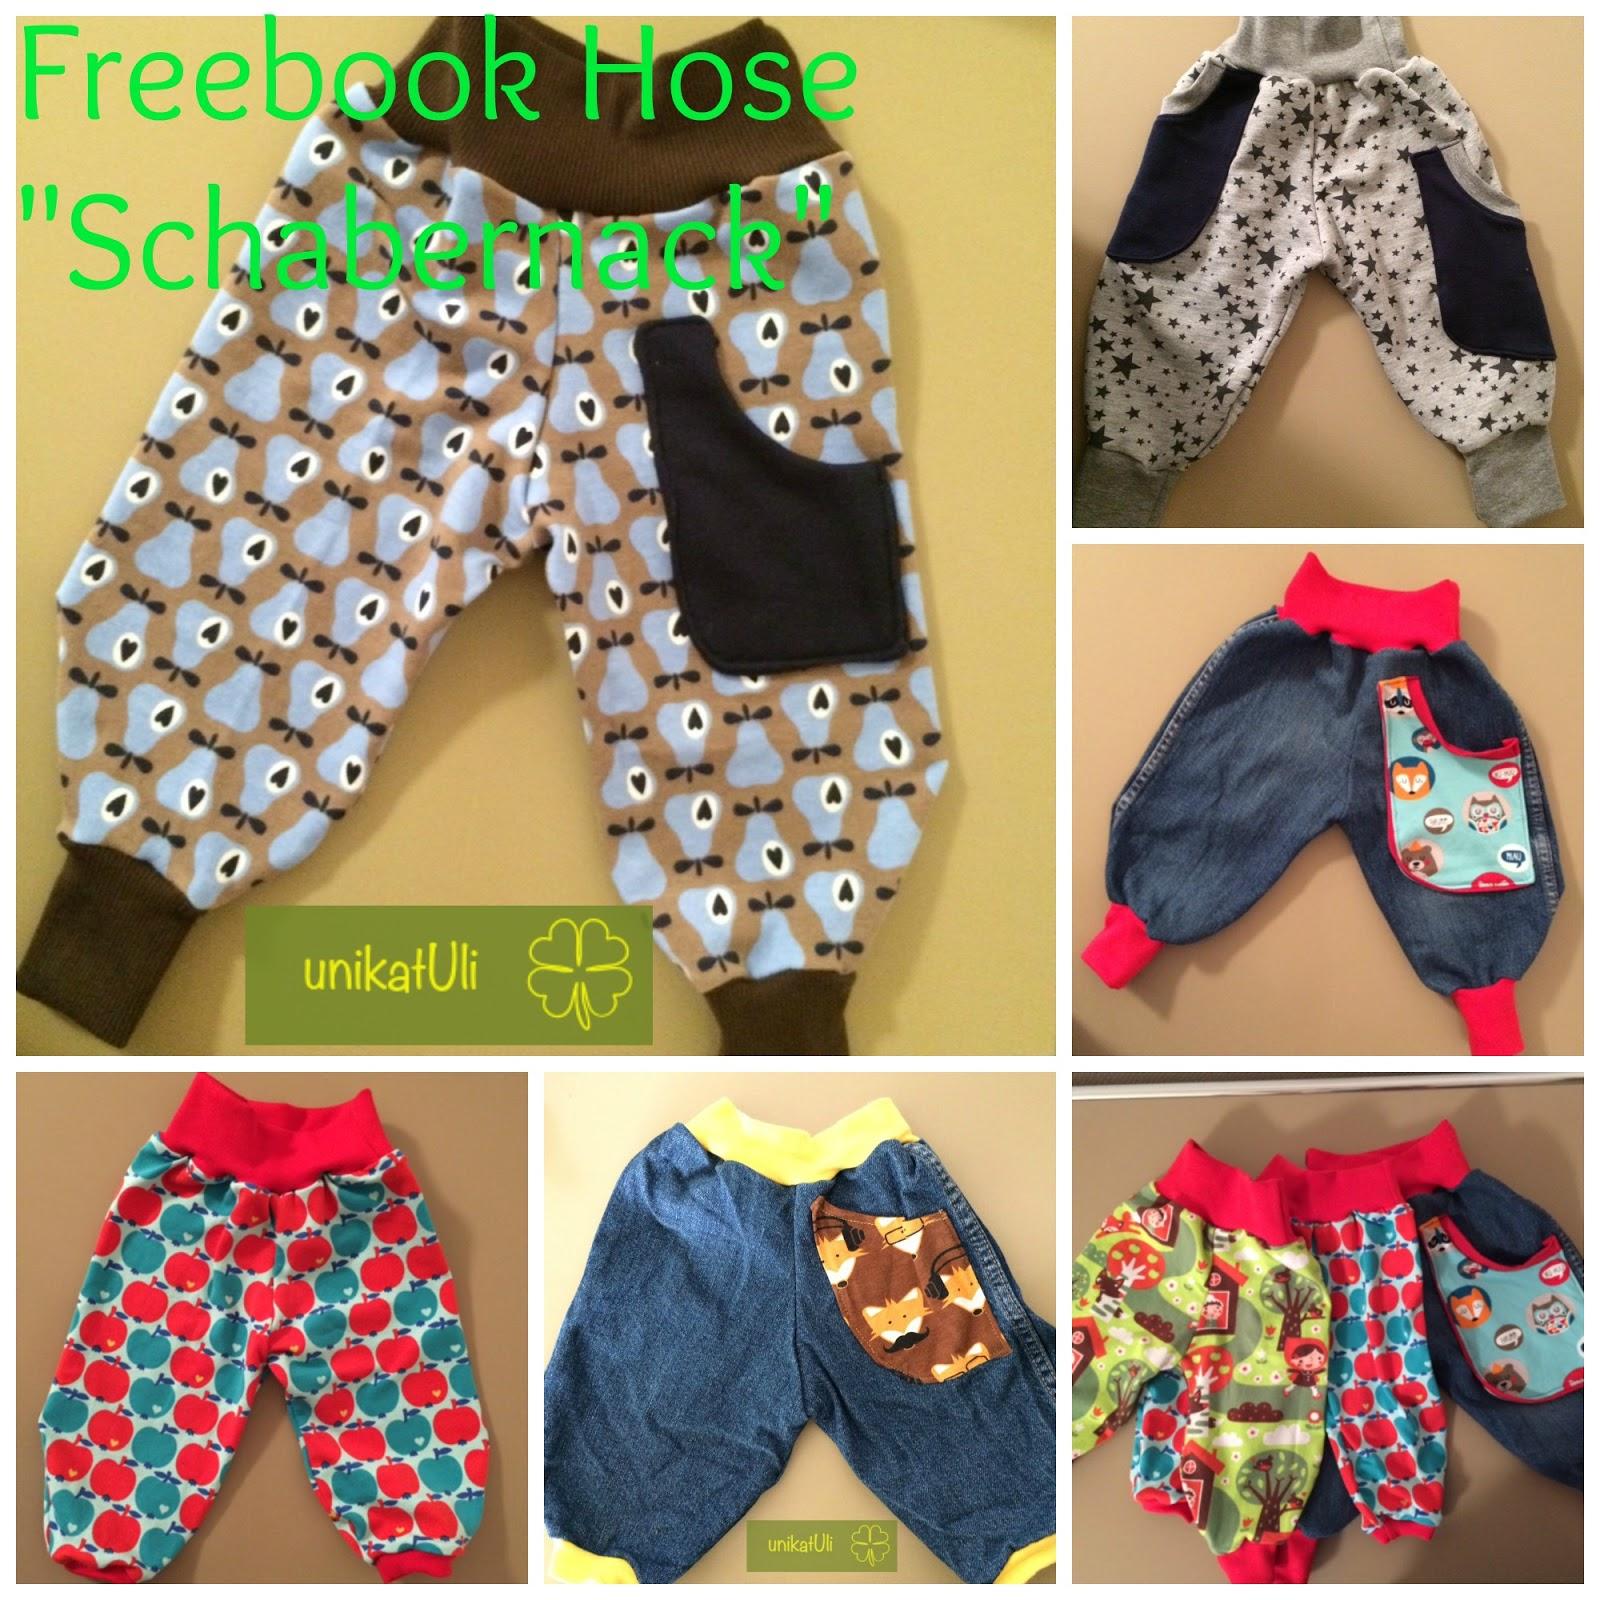 freebook hose kind